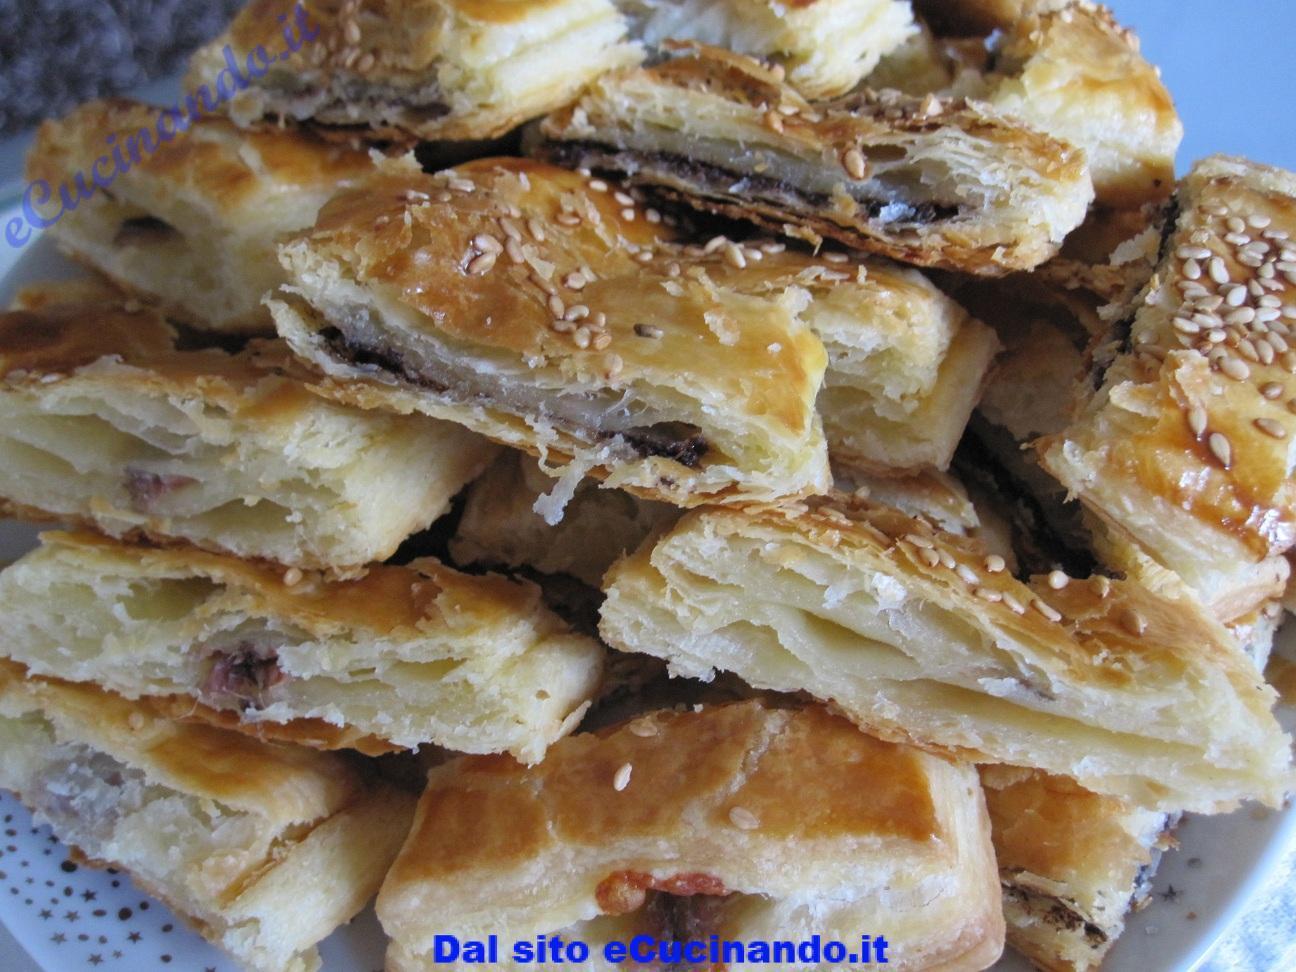 Gnocchi-al-pesto-e-sfoglini-salati